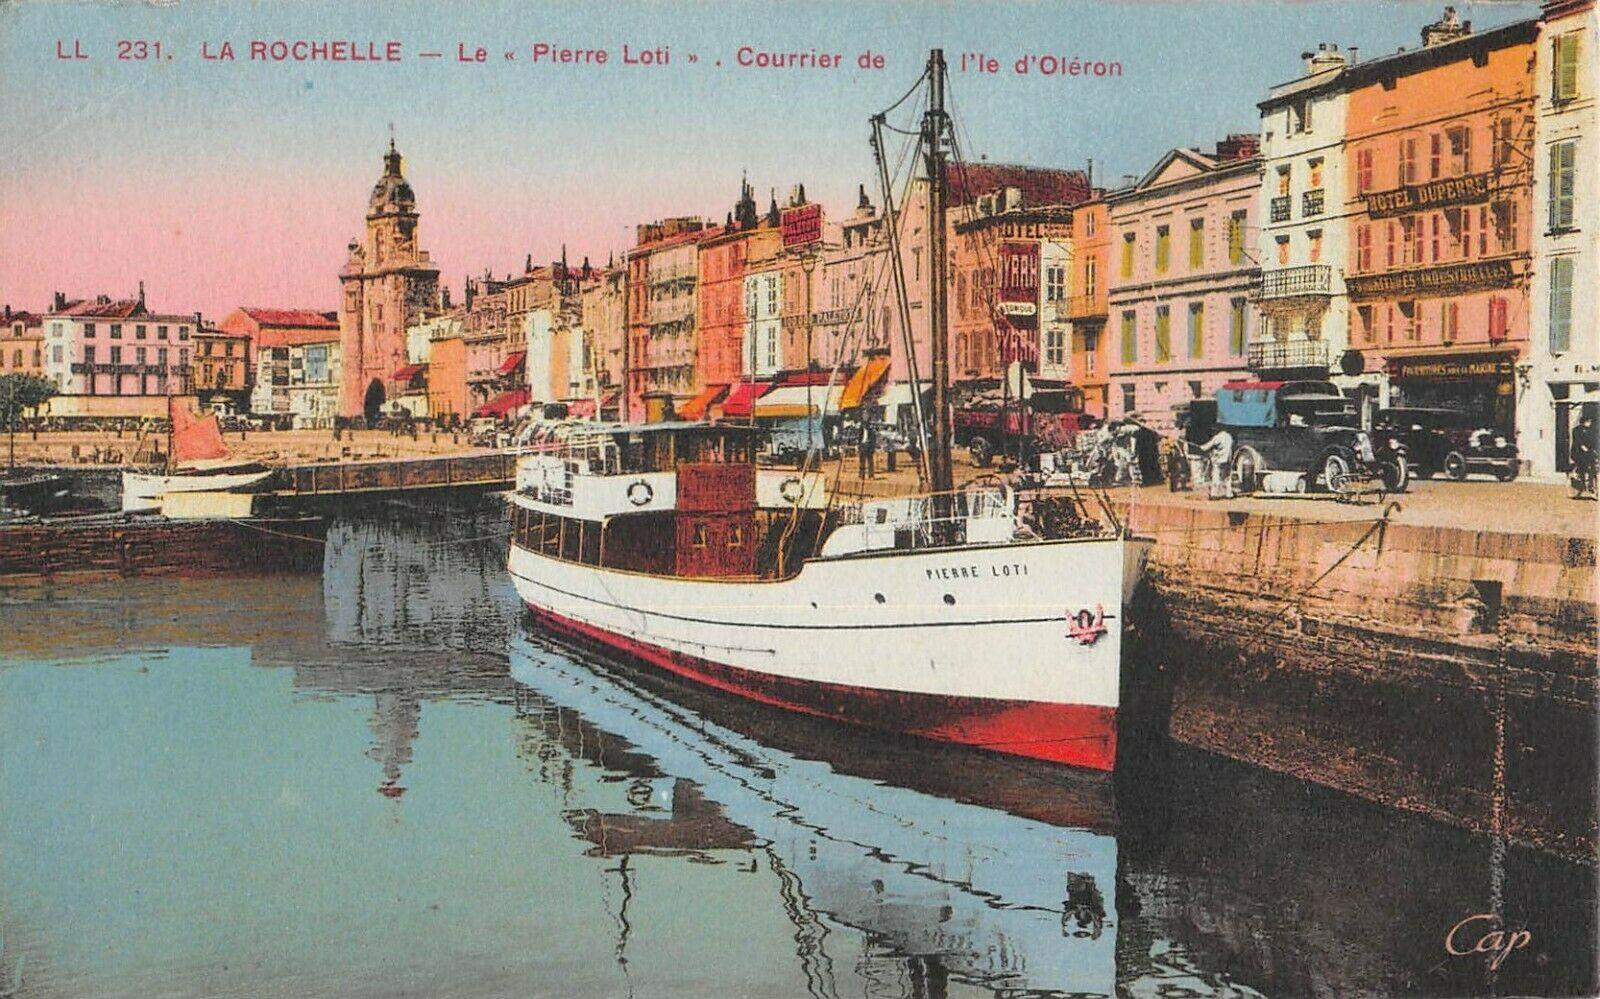 Cpa-17-La-Rochelle-Le-Pierre-Loti-Courrier